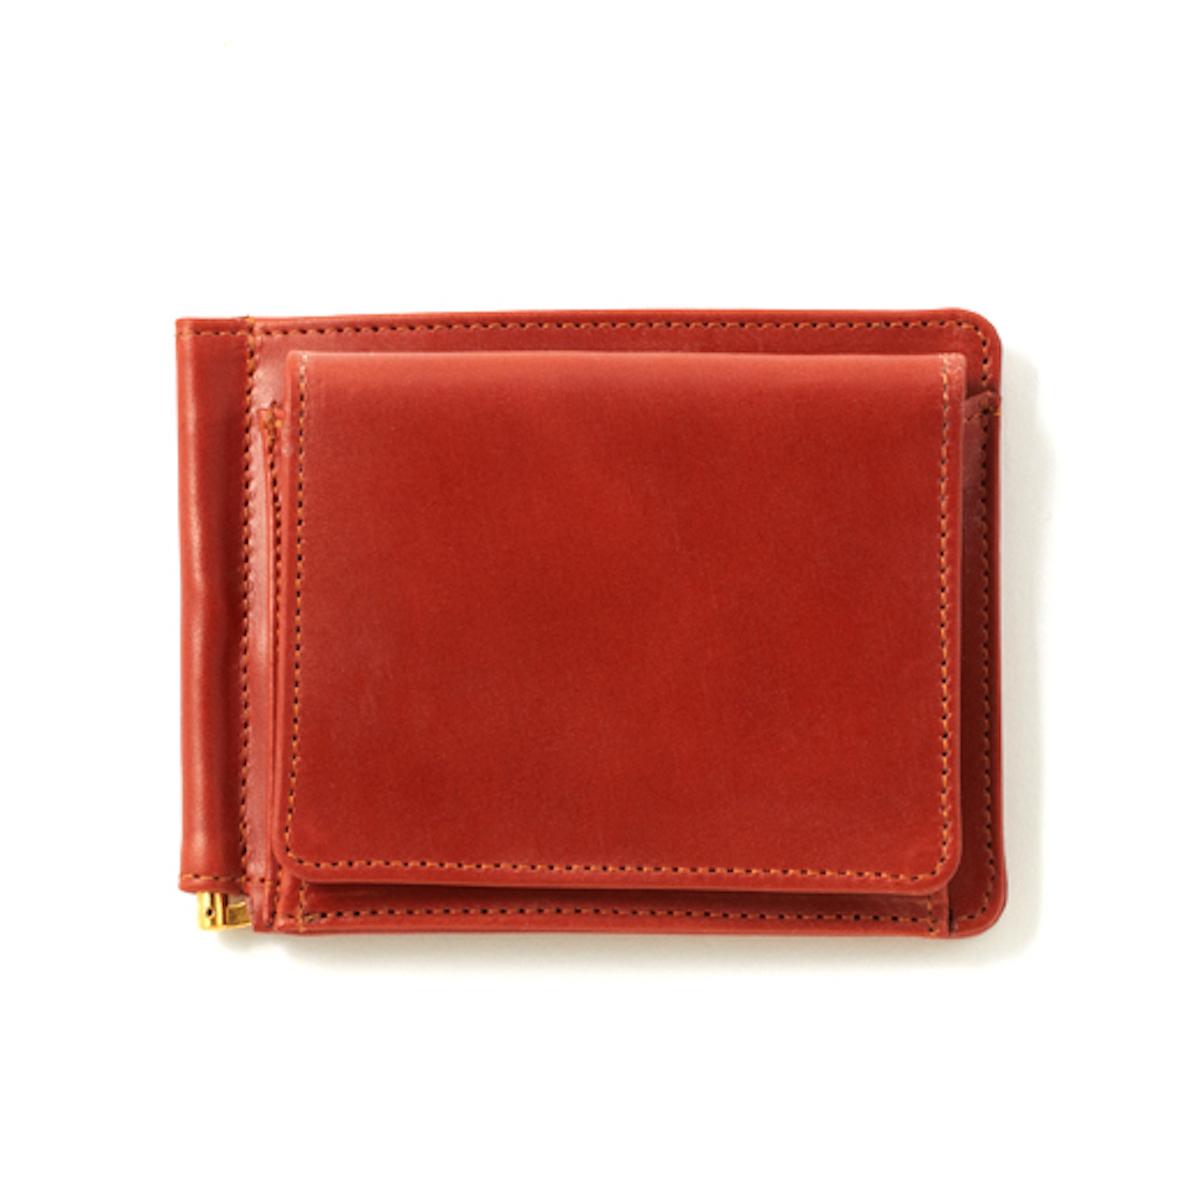 GLEN ROYAL / MONEY CLIP WITH COIN POCKET -OXFORD TAN